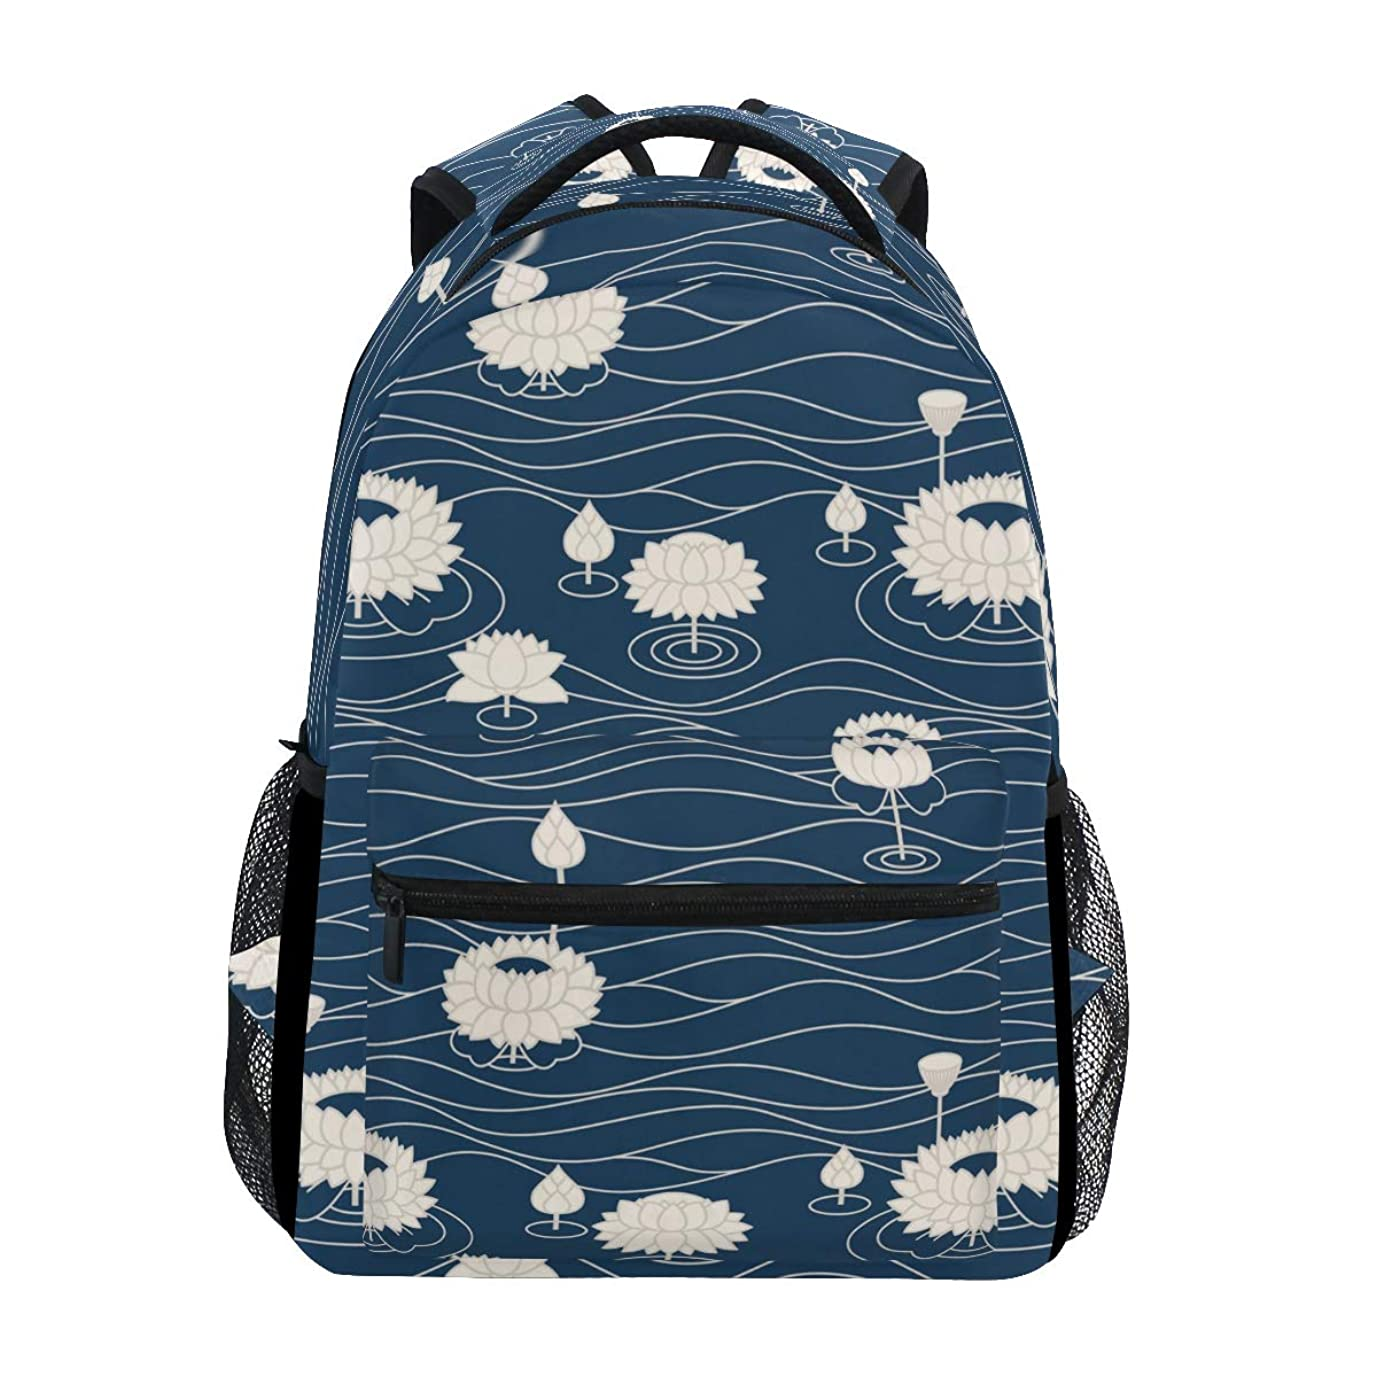 知り合いになるサイバースペース文明化するGORIRA(ゴリラ)リュックサック 高校生 可愛い 大容量 キッズ 通学 花柄 和風 リュック レディース おしゃれ 大人 防水 キャンバス 男女兼用 旅行バッグパック